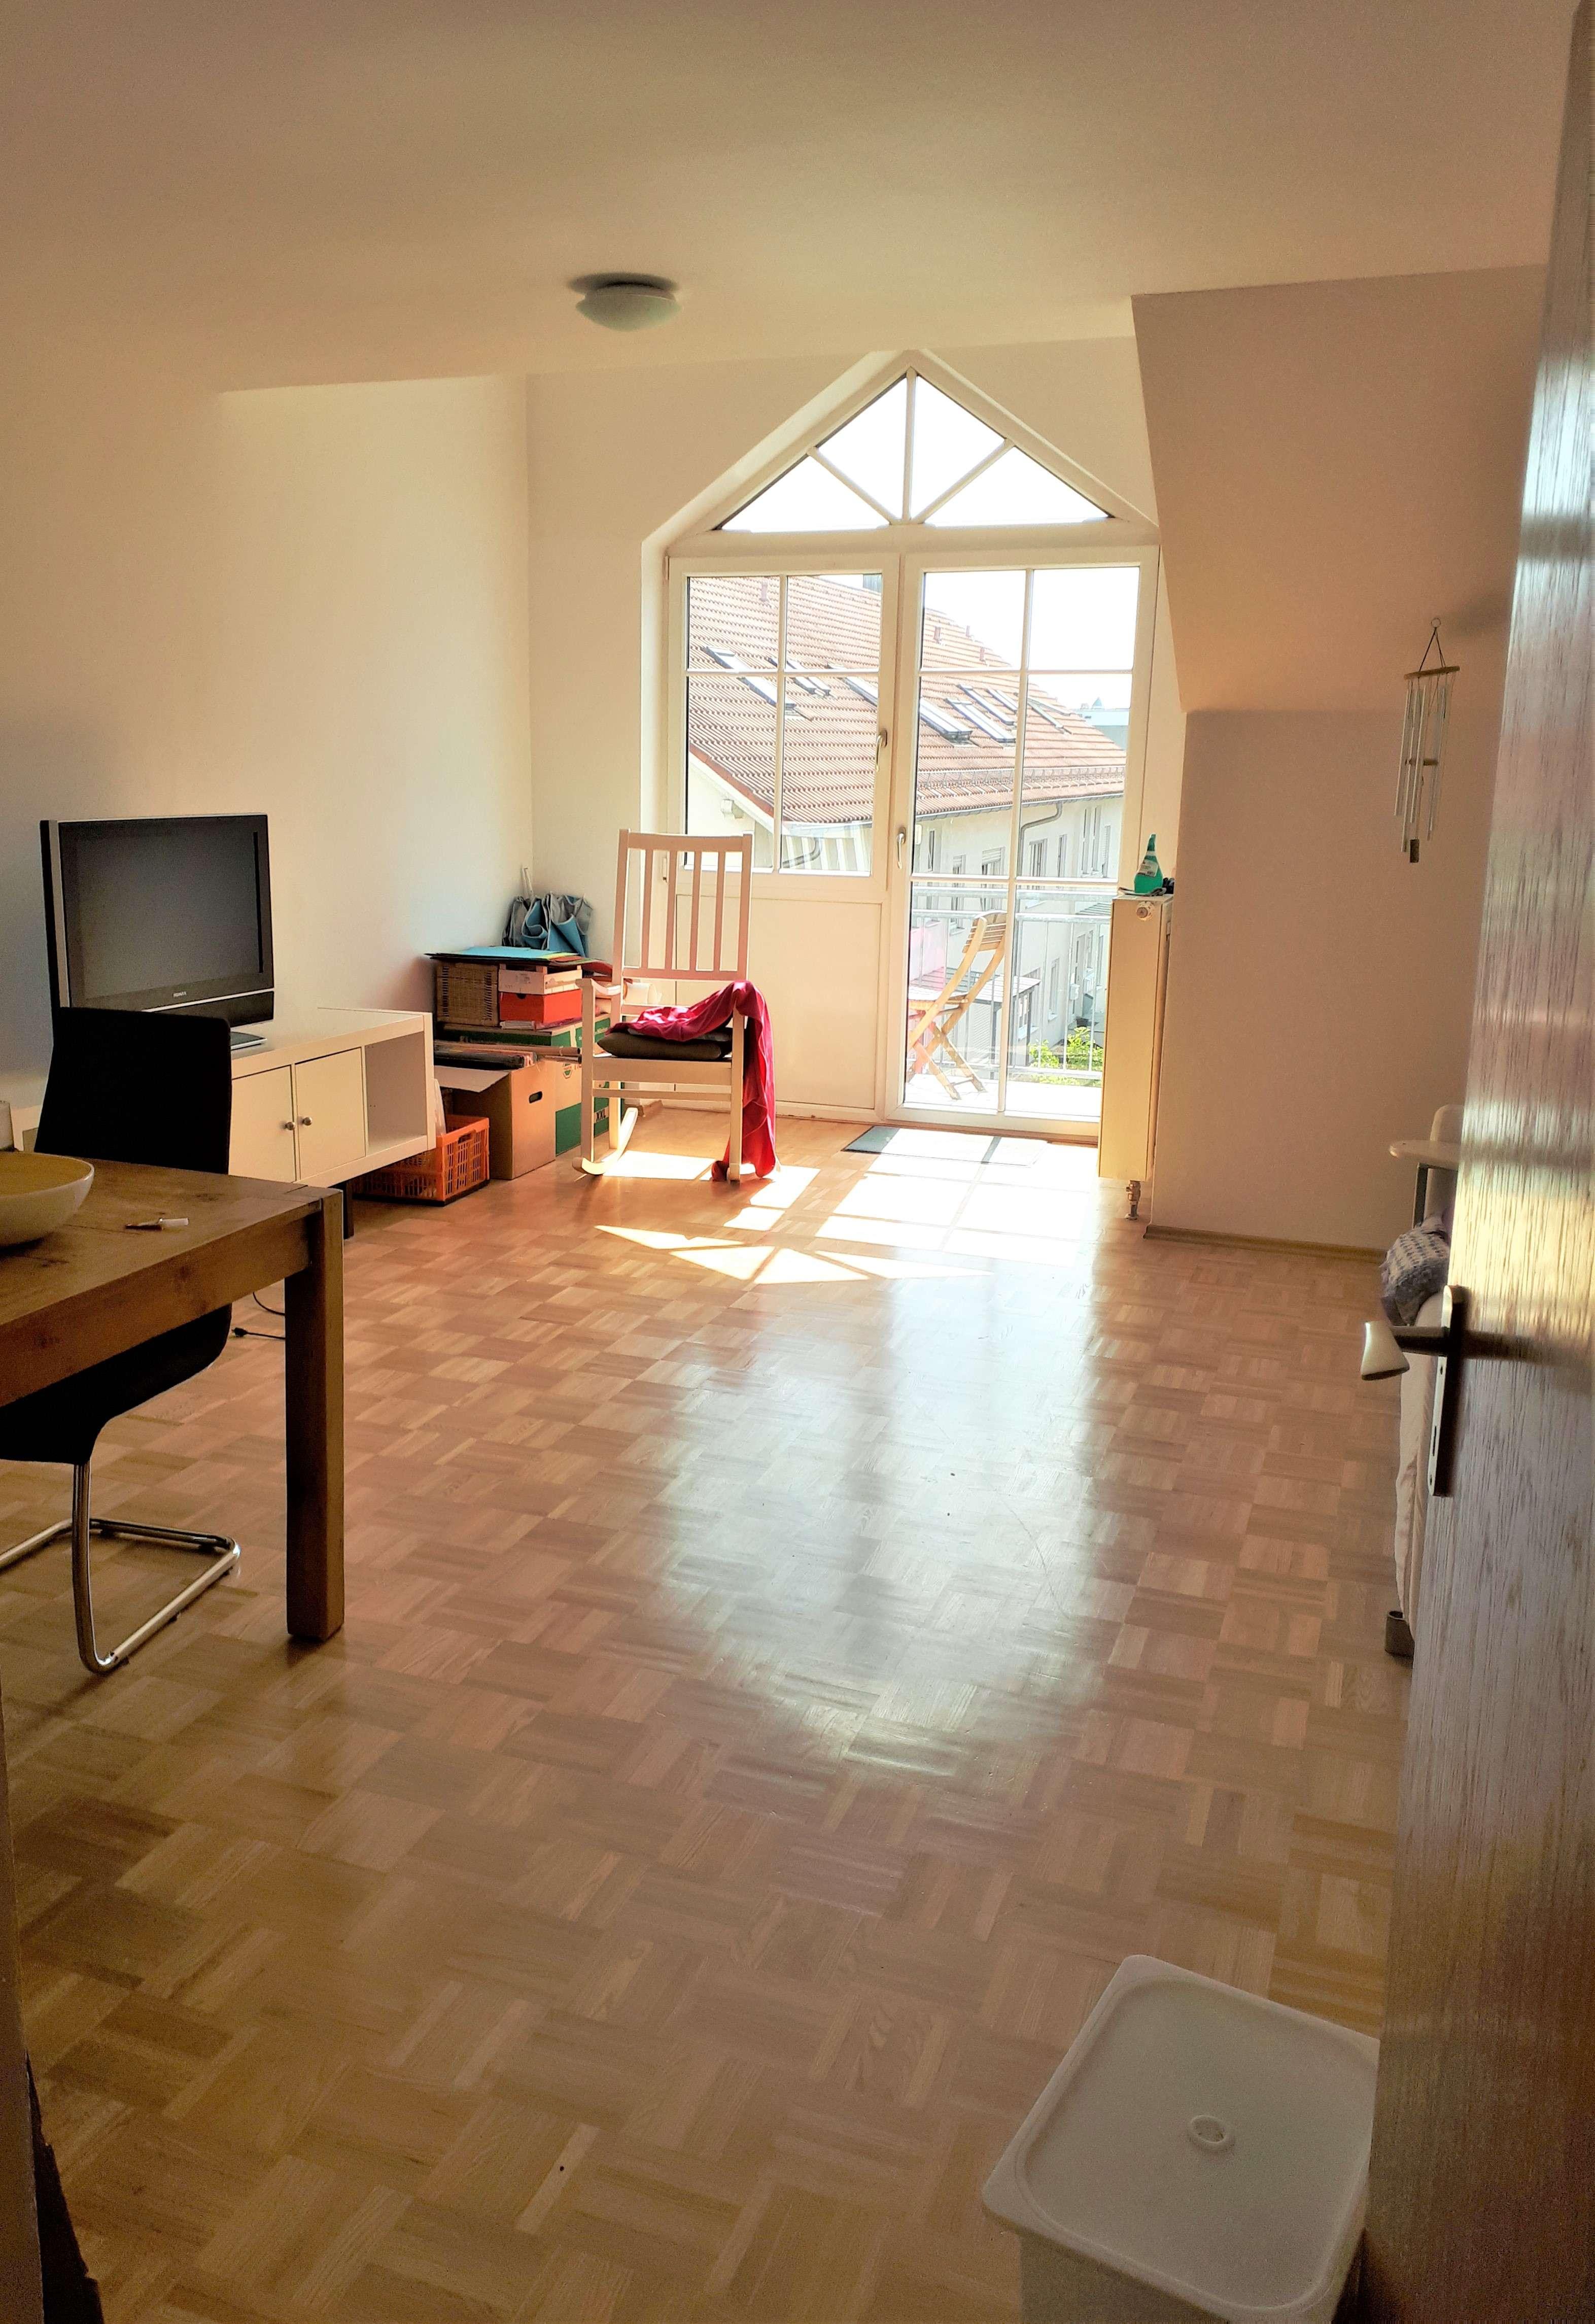 Neuwertige, große 3-Zimmer Wohnung mit idyllischem Südwest-Balkon in Kernstadt (Straubing)